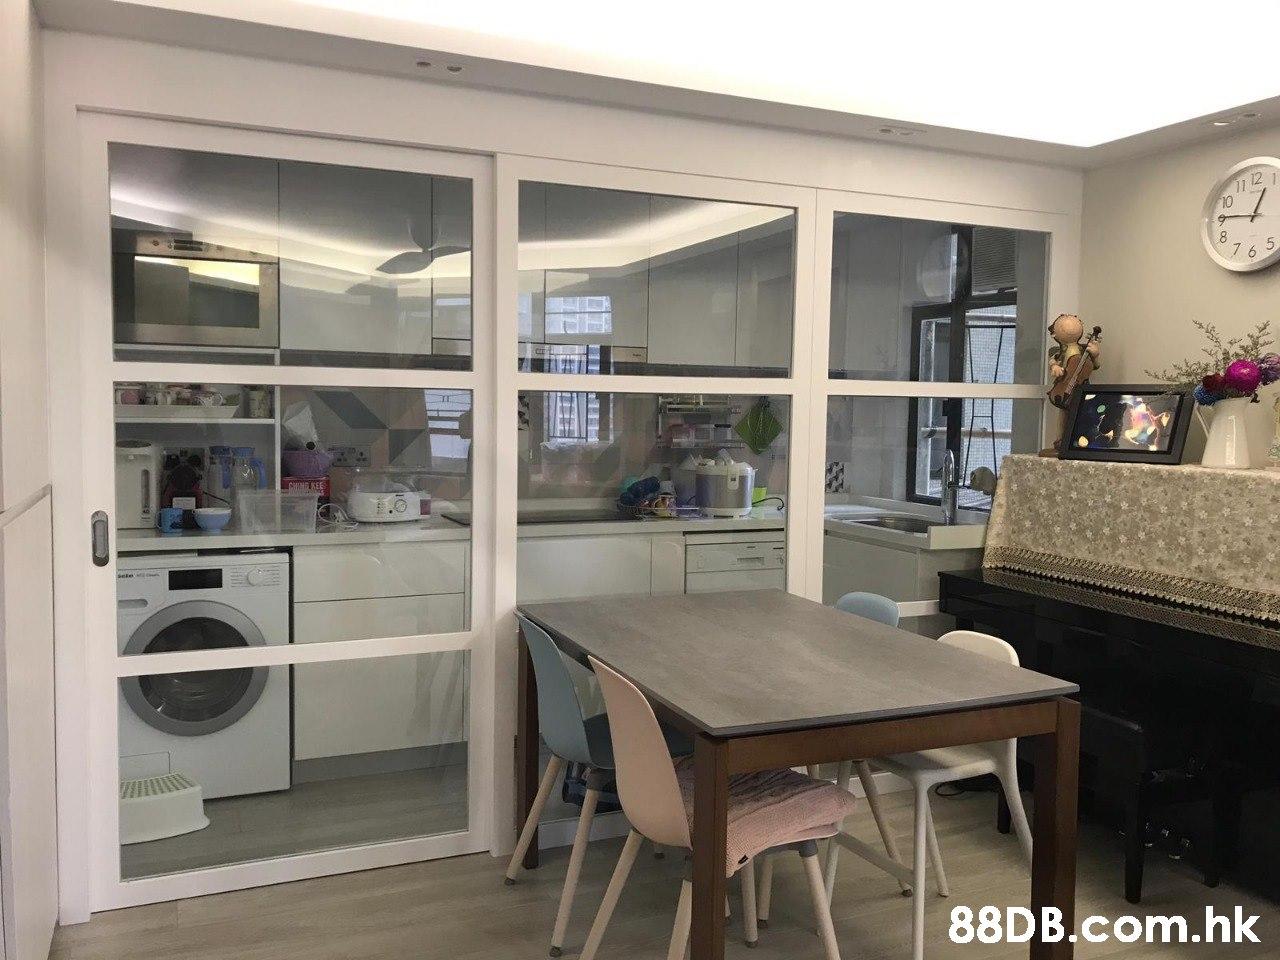 1 12 10 7 .0 .hk  Furniture,Property,Room,Building,Interior design